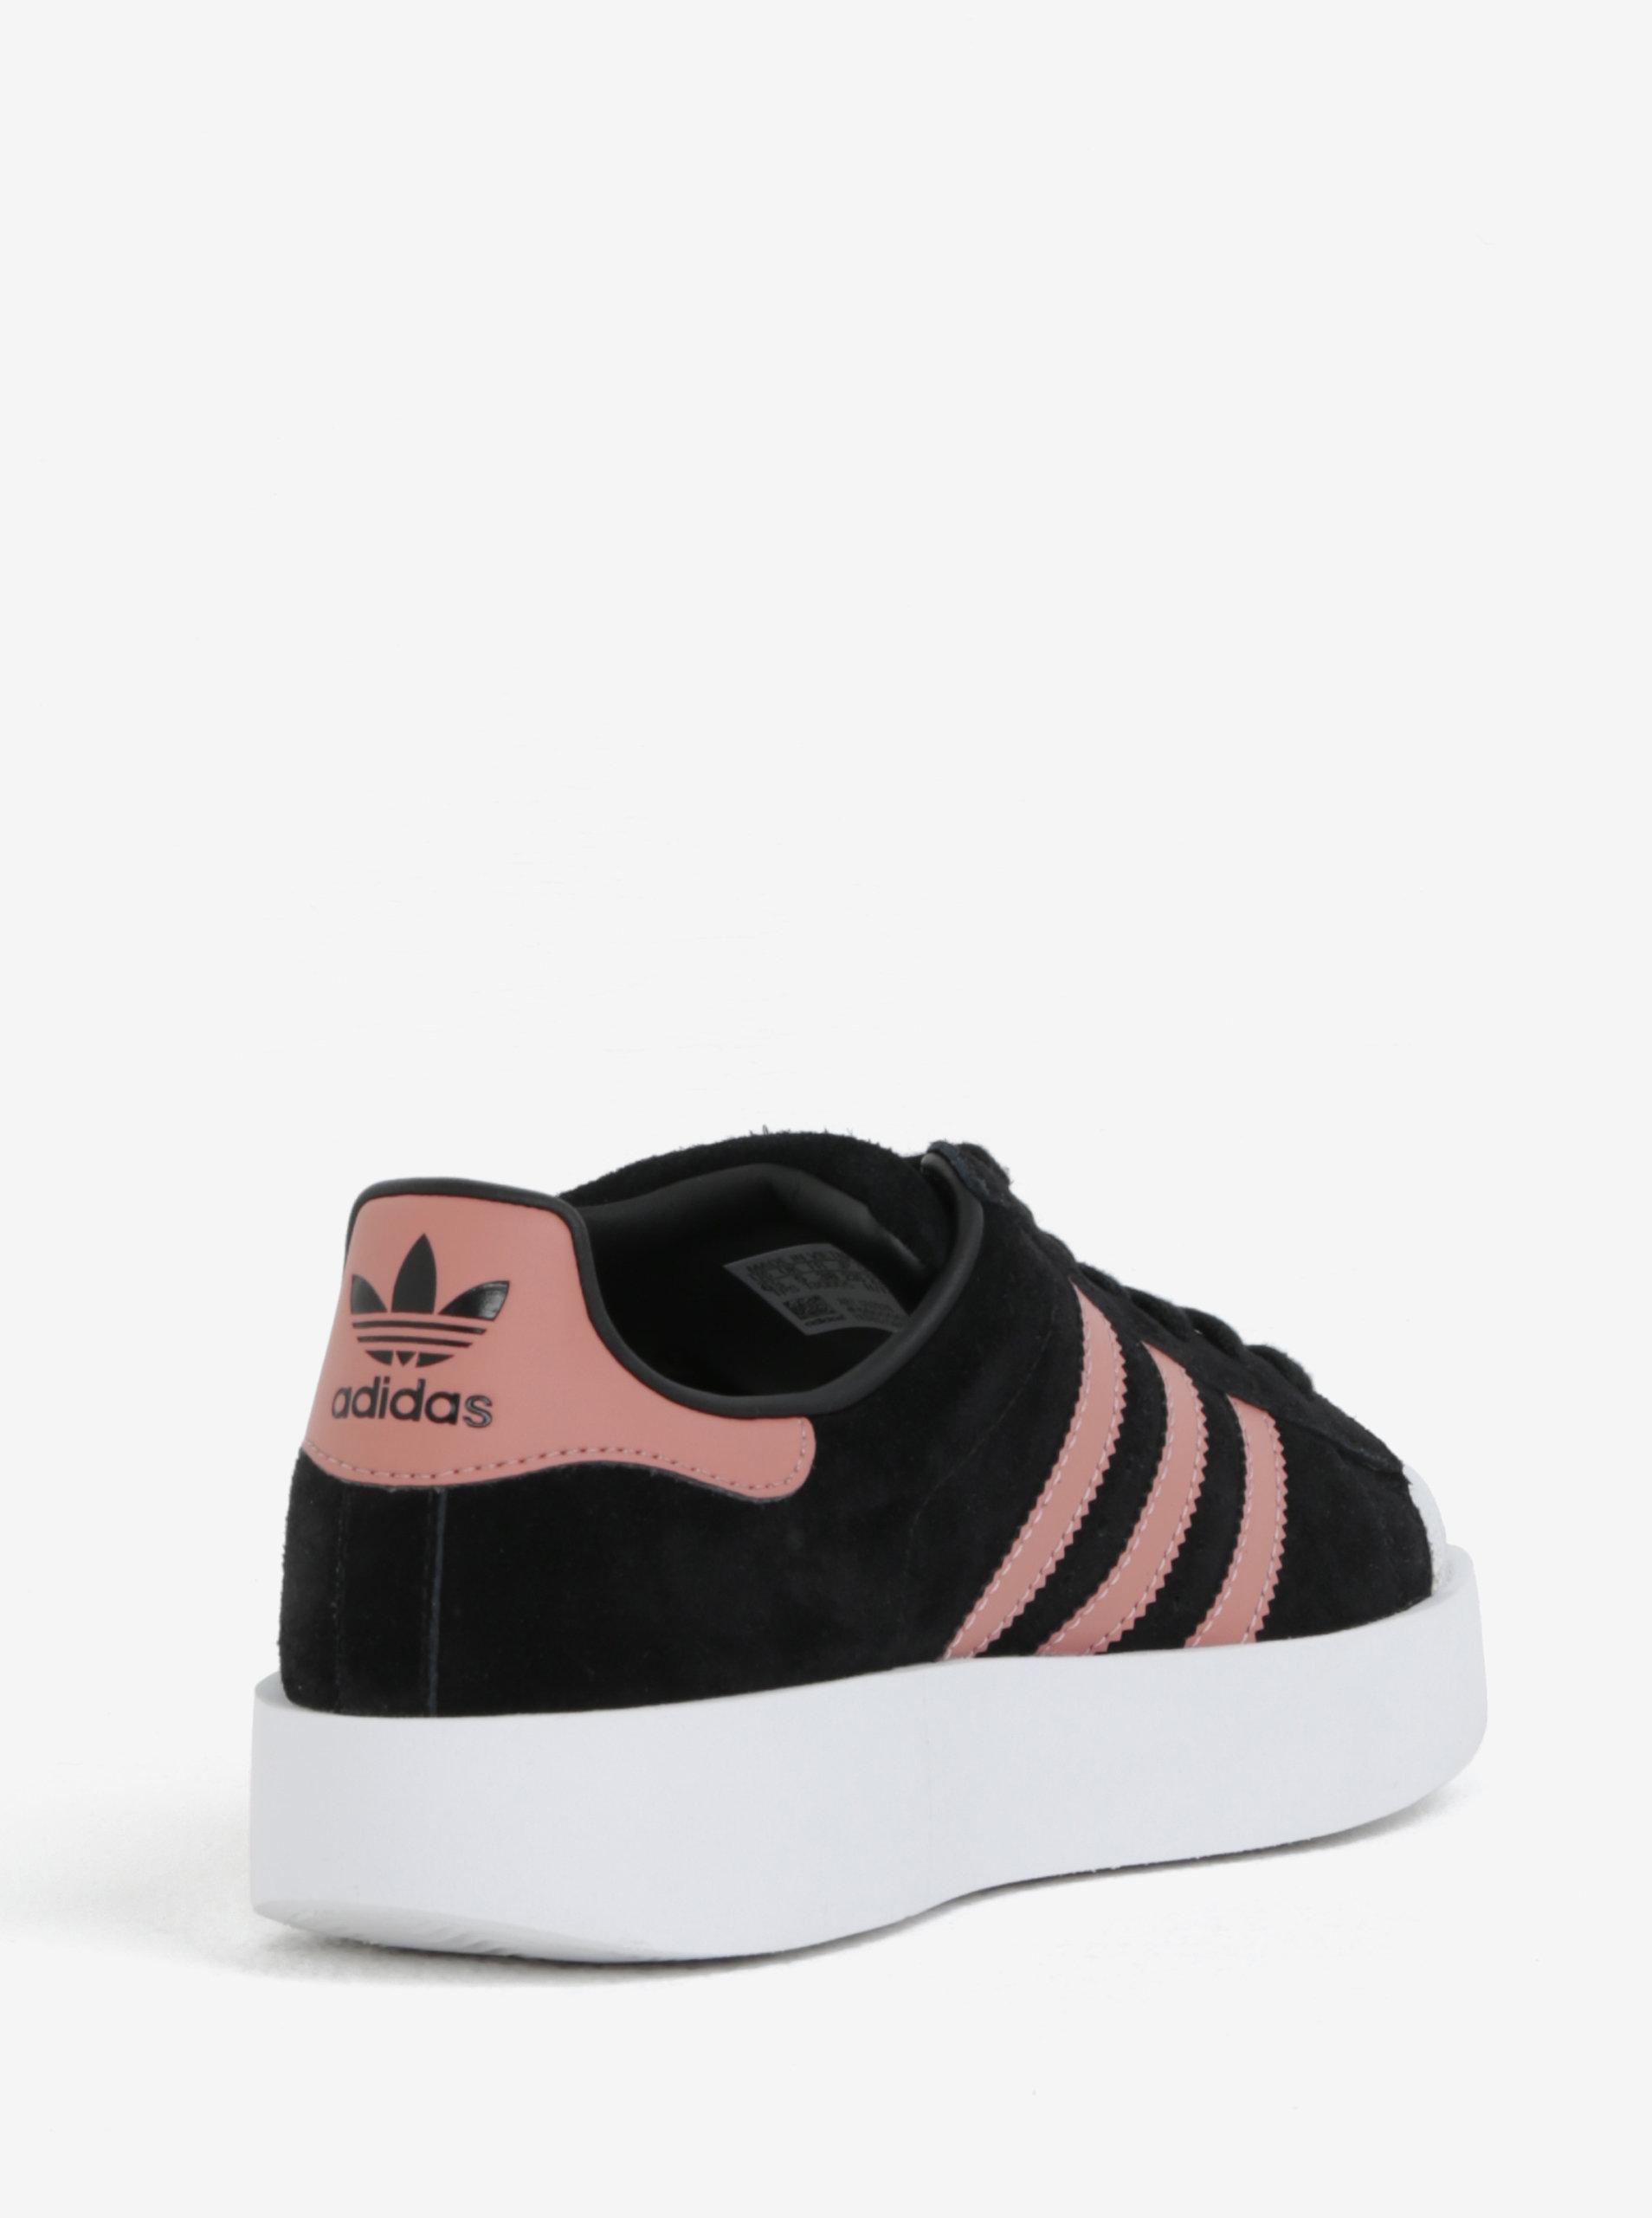 62f63e3a18f3 Ružovo-čierne dámske semišové tenisky na platforme adidas Originals  Superstar ...